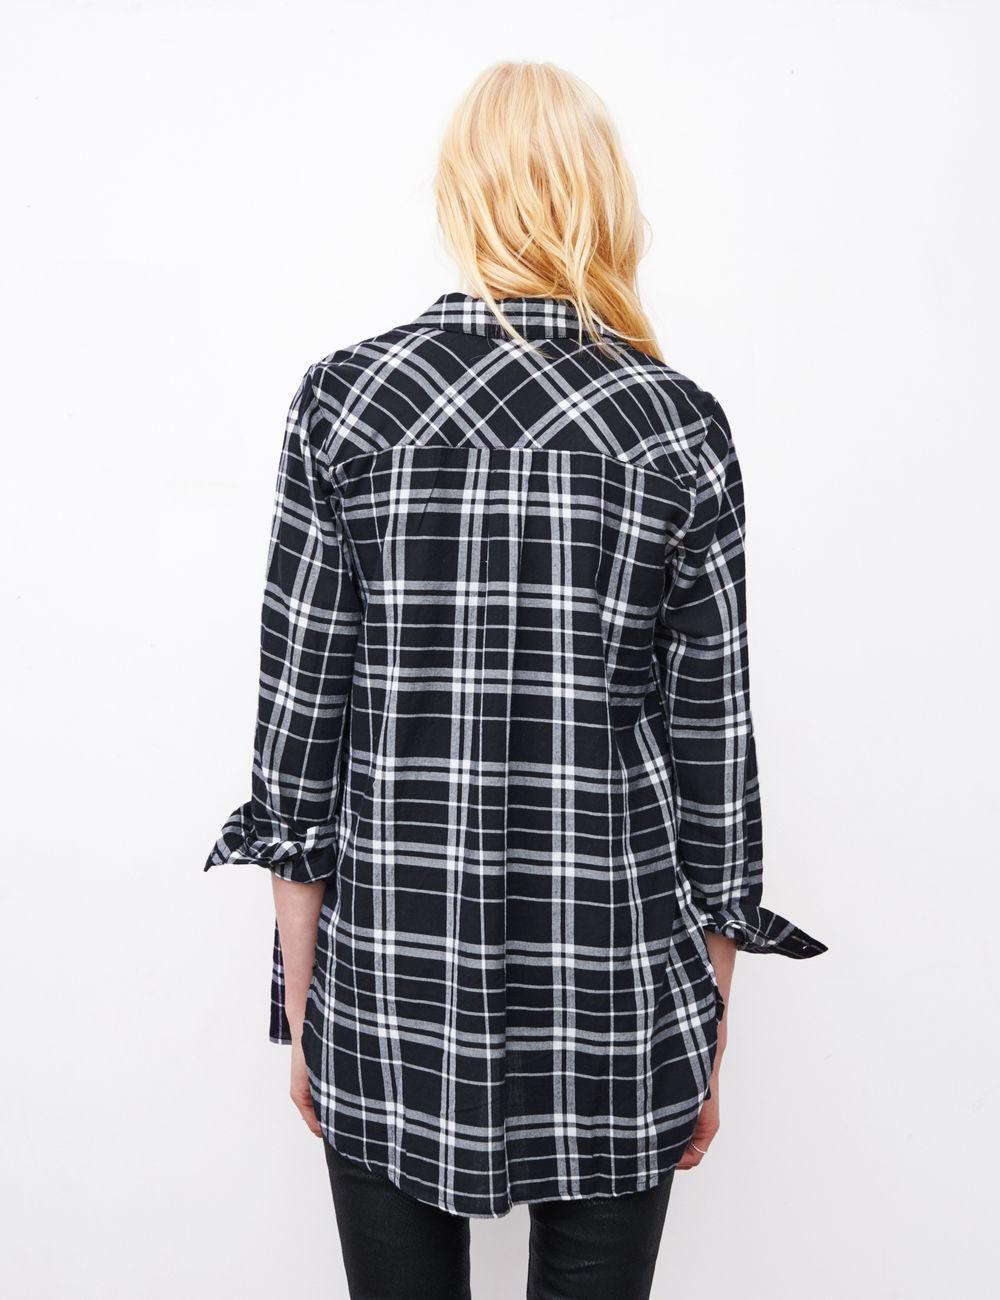 Chemise femme longue carreaux - Chapka, doudoune, pull   Vetement d ... d4c9169ae5d